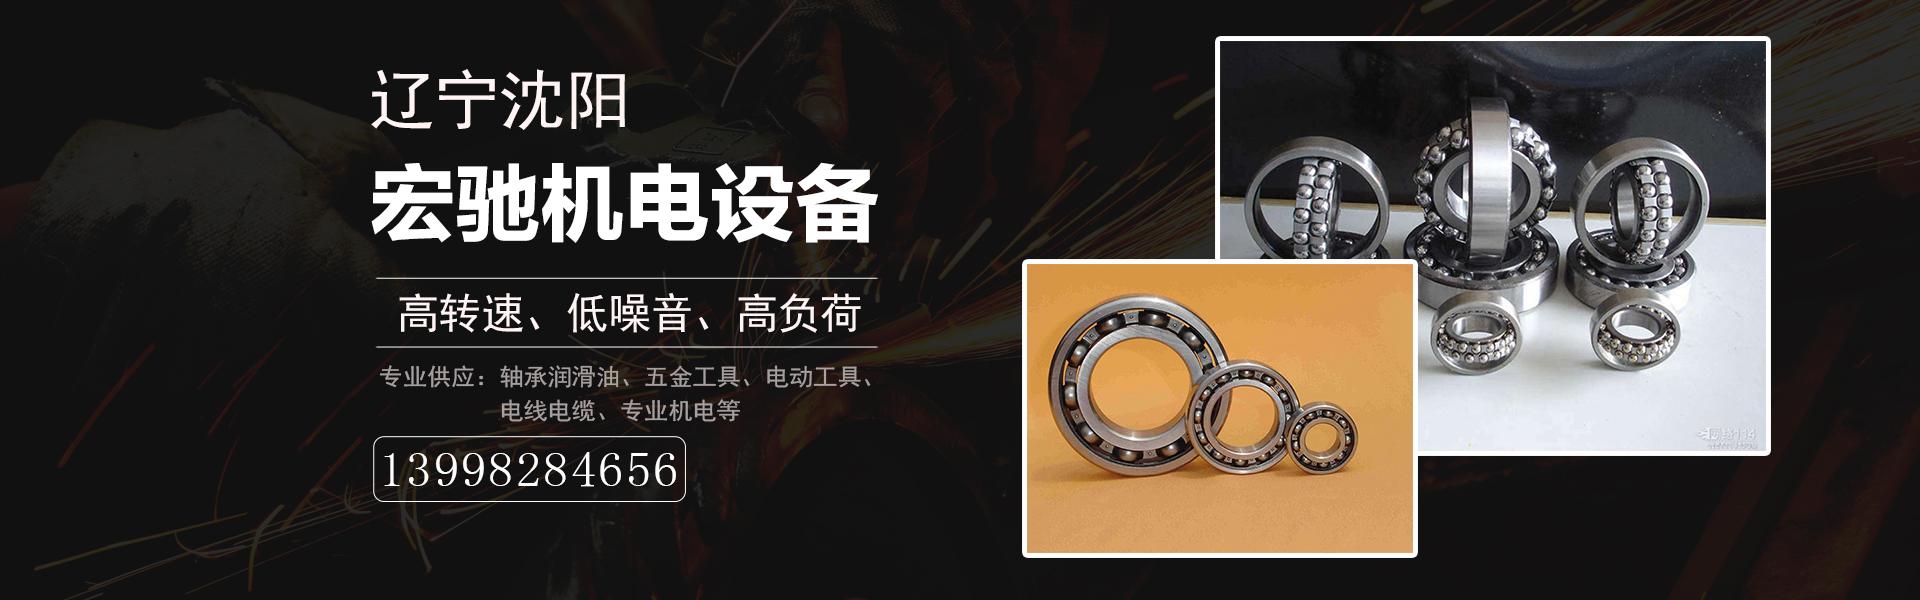 沈阳宏驰机电设备有限公司